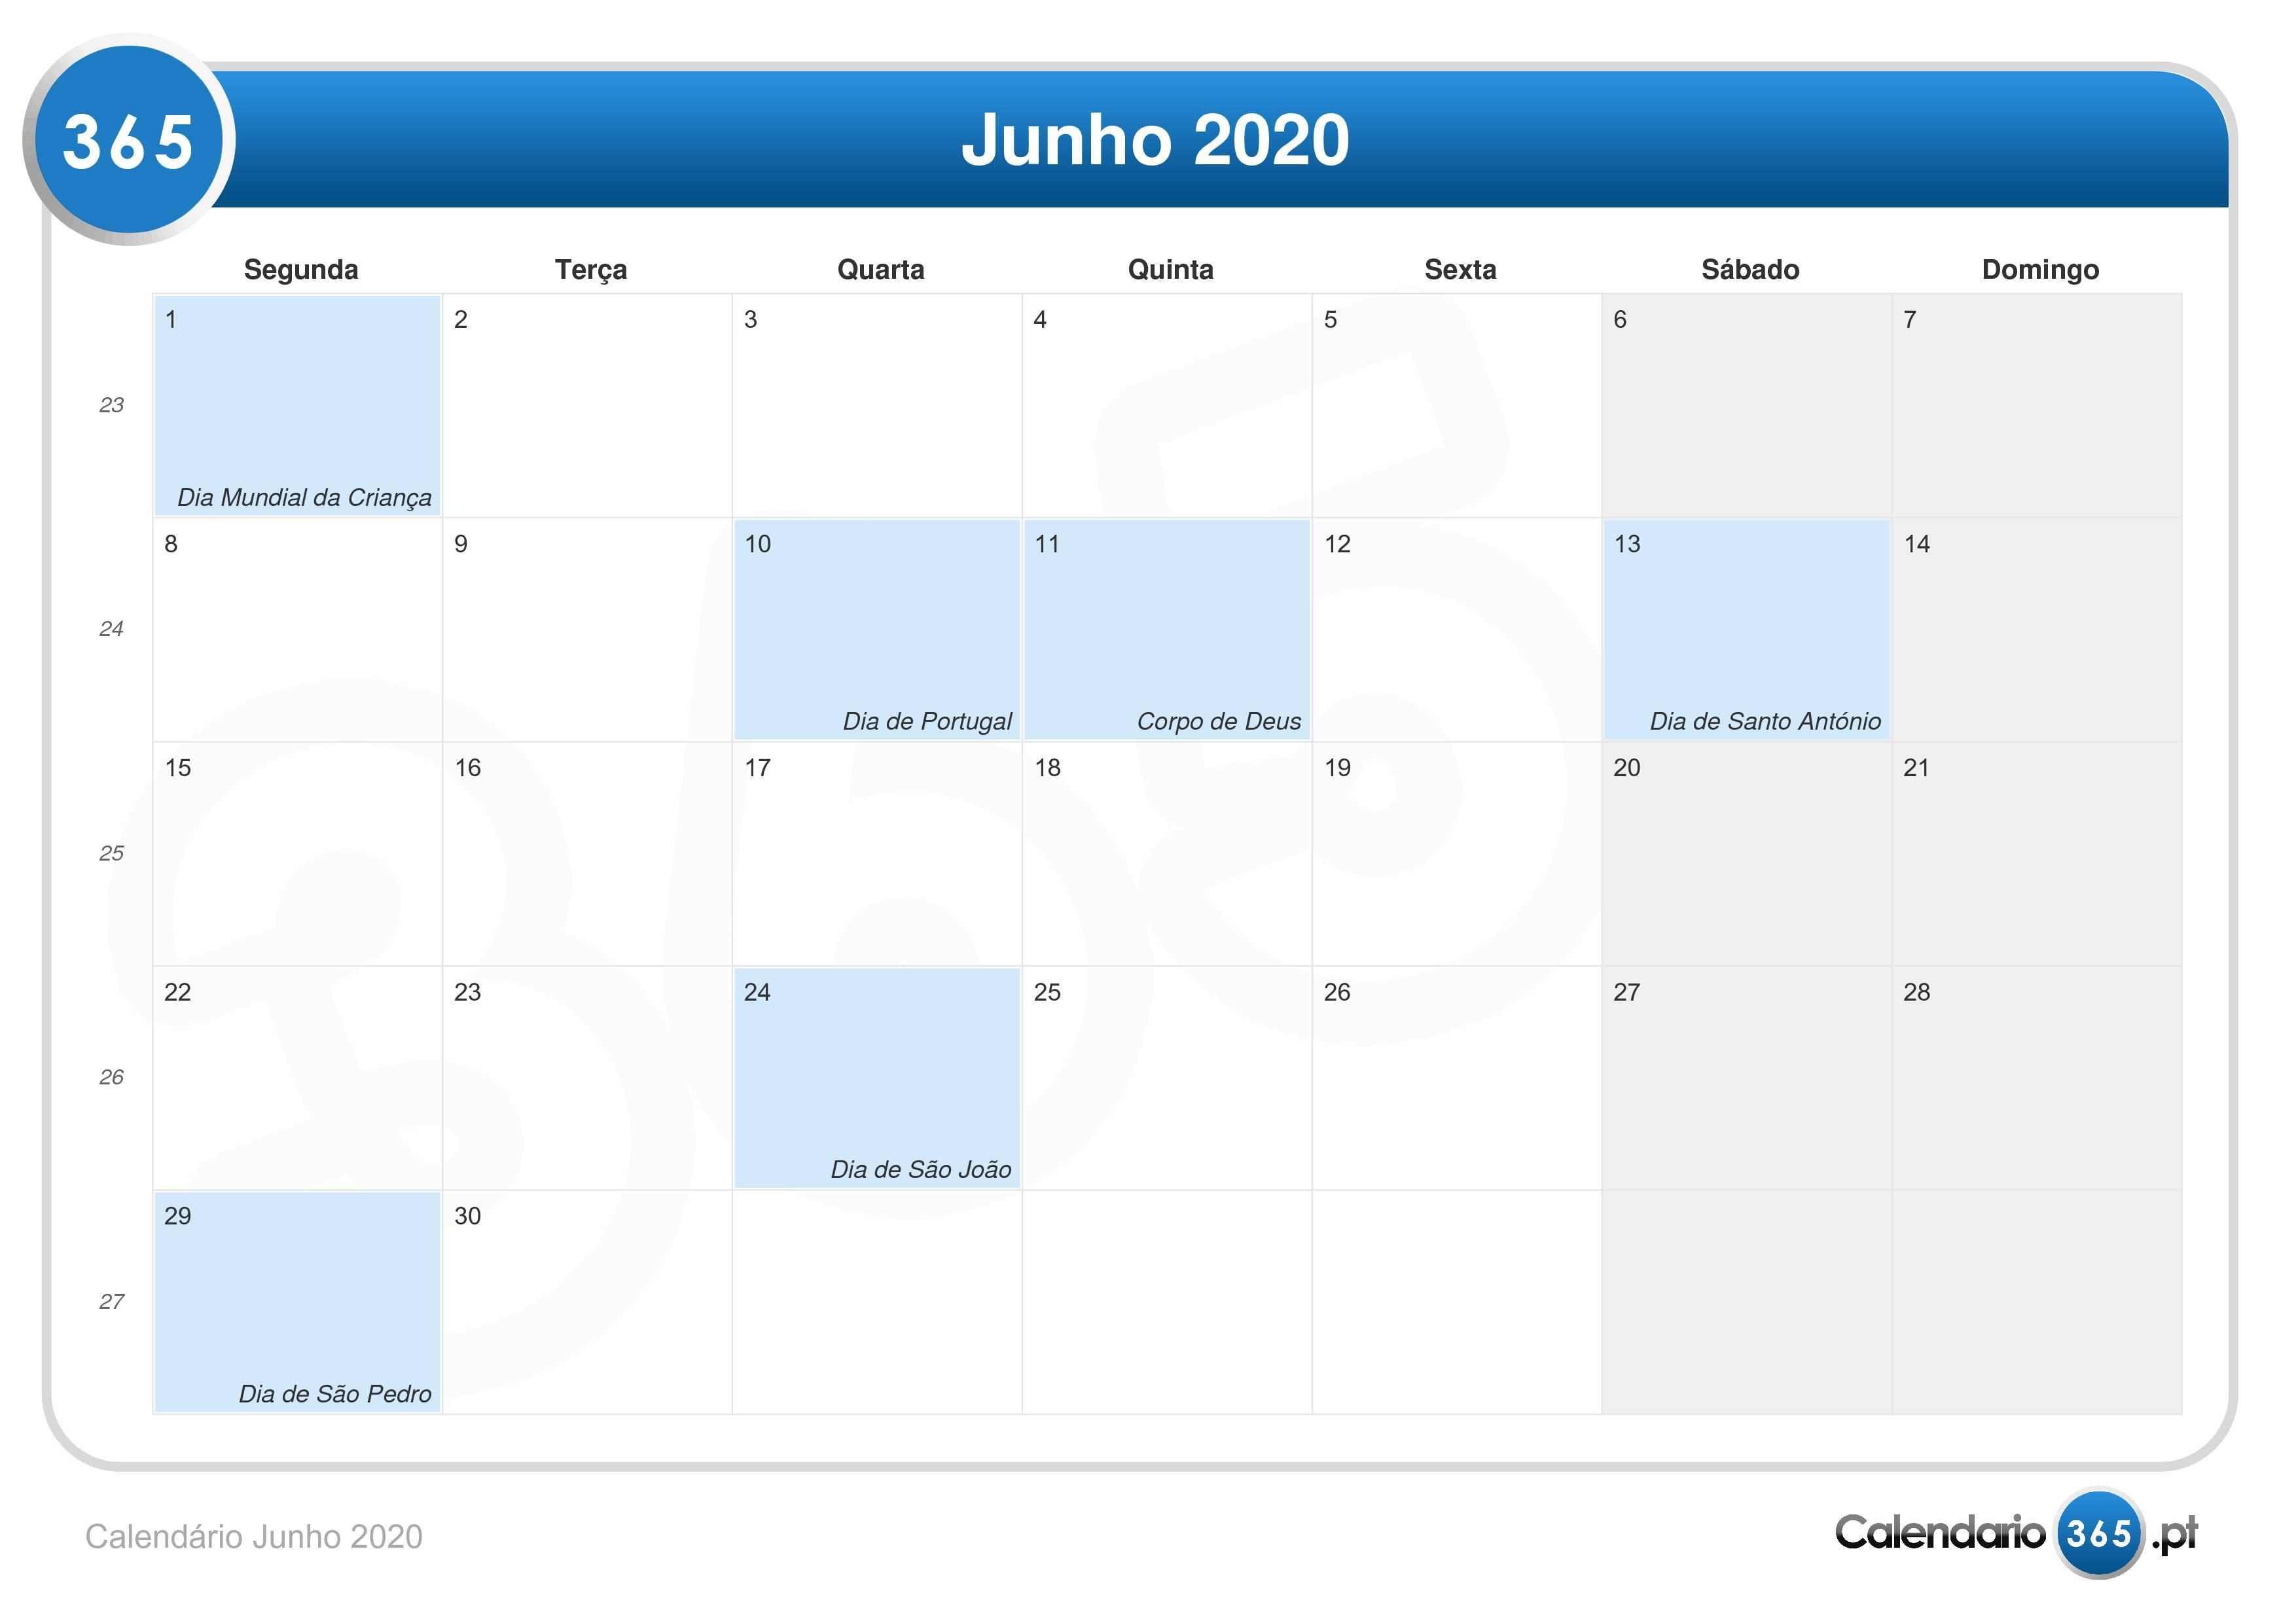 Calendario 2020 Portugal Com Feriados.Calendario Junho 2020